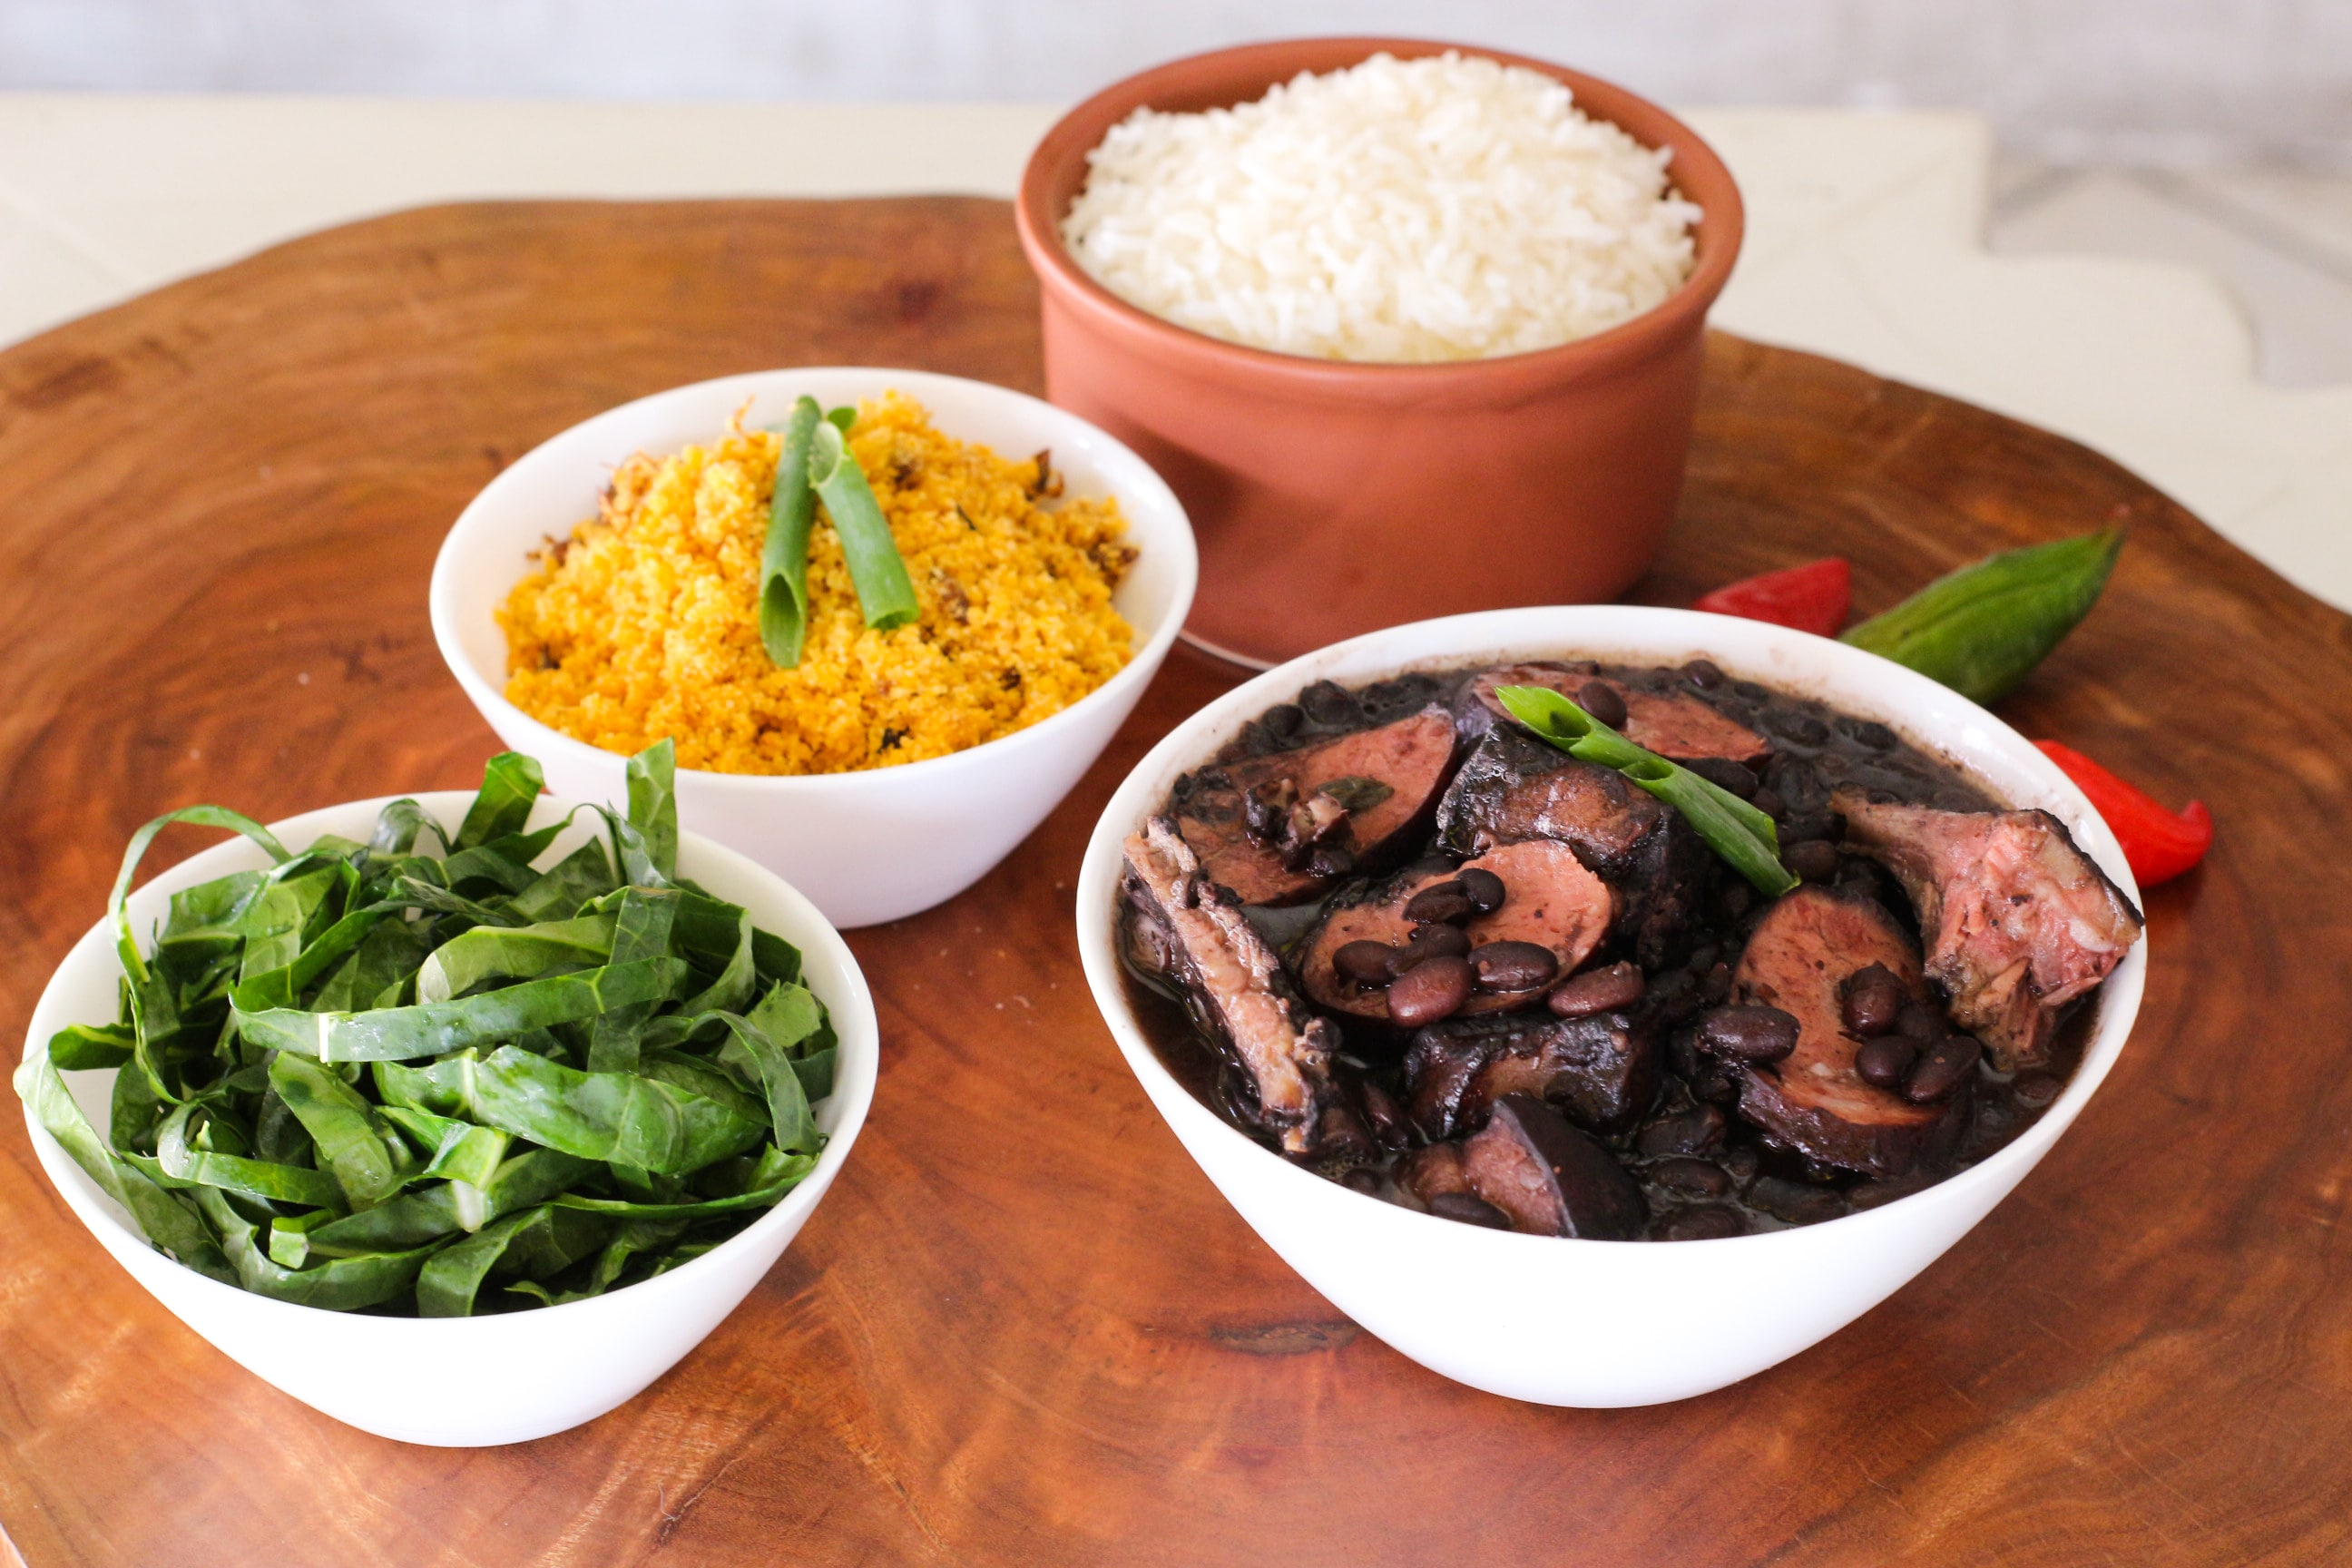 1kg de Panelada + 600g de arroz branco + 150g de Cuscuz de R$57,80 por apenas R$39,90